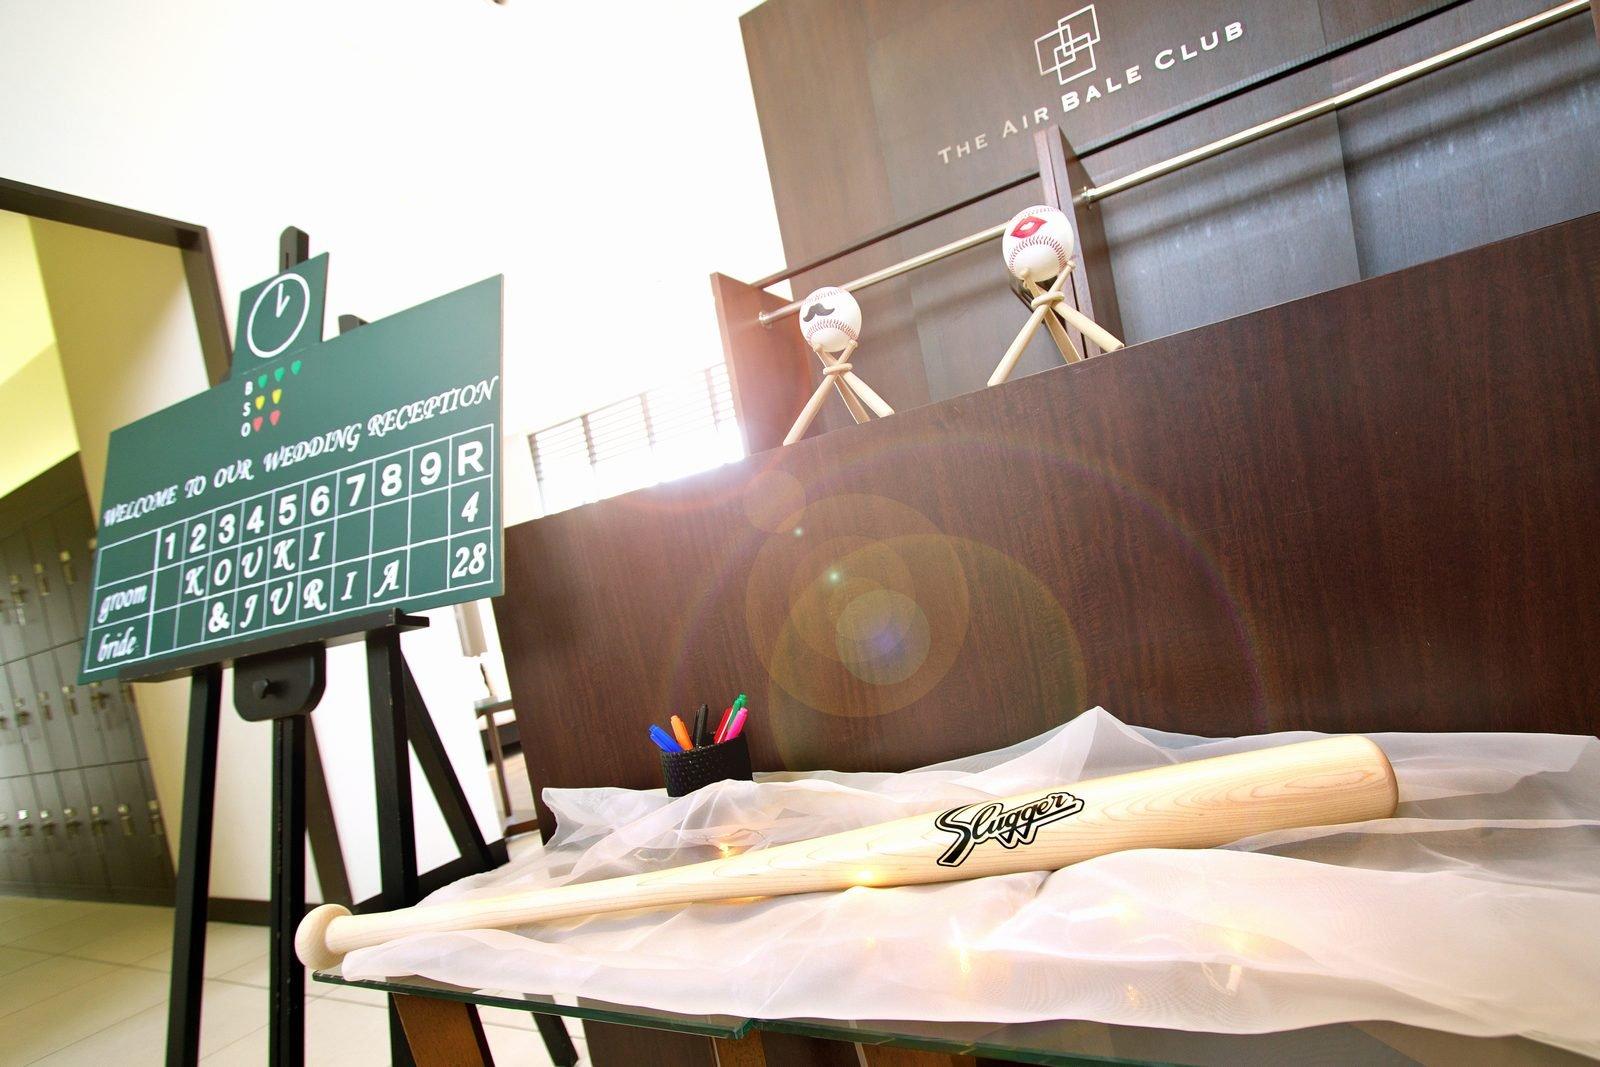 高松市の結婚式場アイルバレクラブのウェルカムスペース